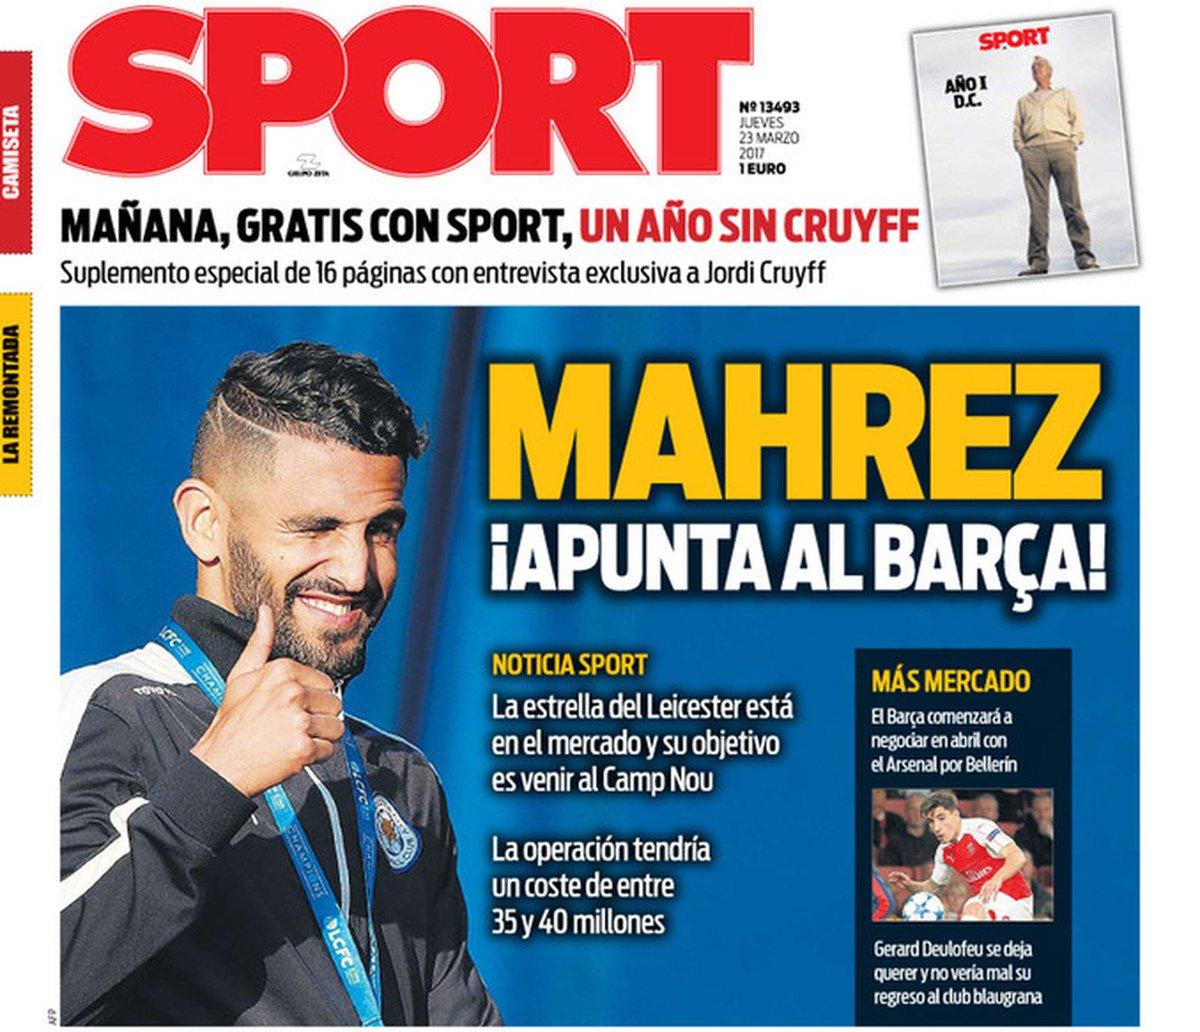 Mais uma estrela? Jornal coloca Mahrez, do Leicester, na mira do Barcelona https://t.co/fIh7NKOp7Y